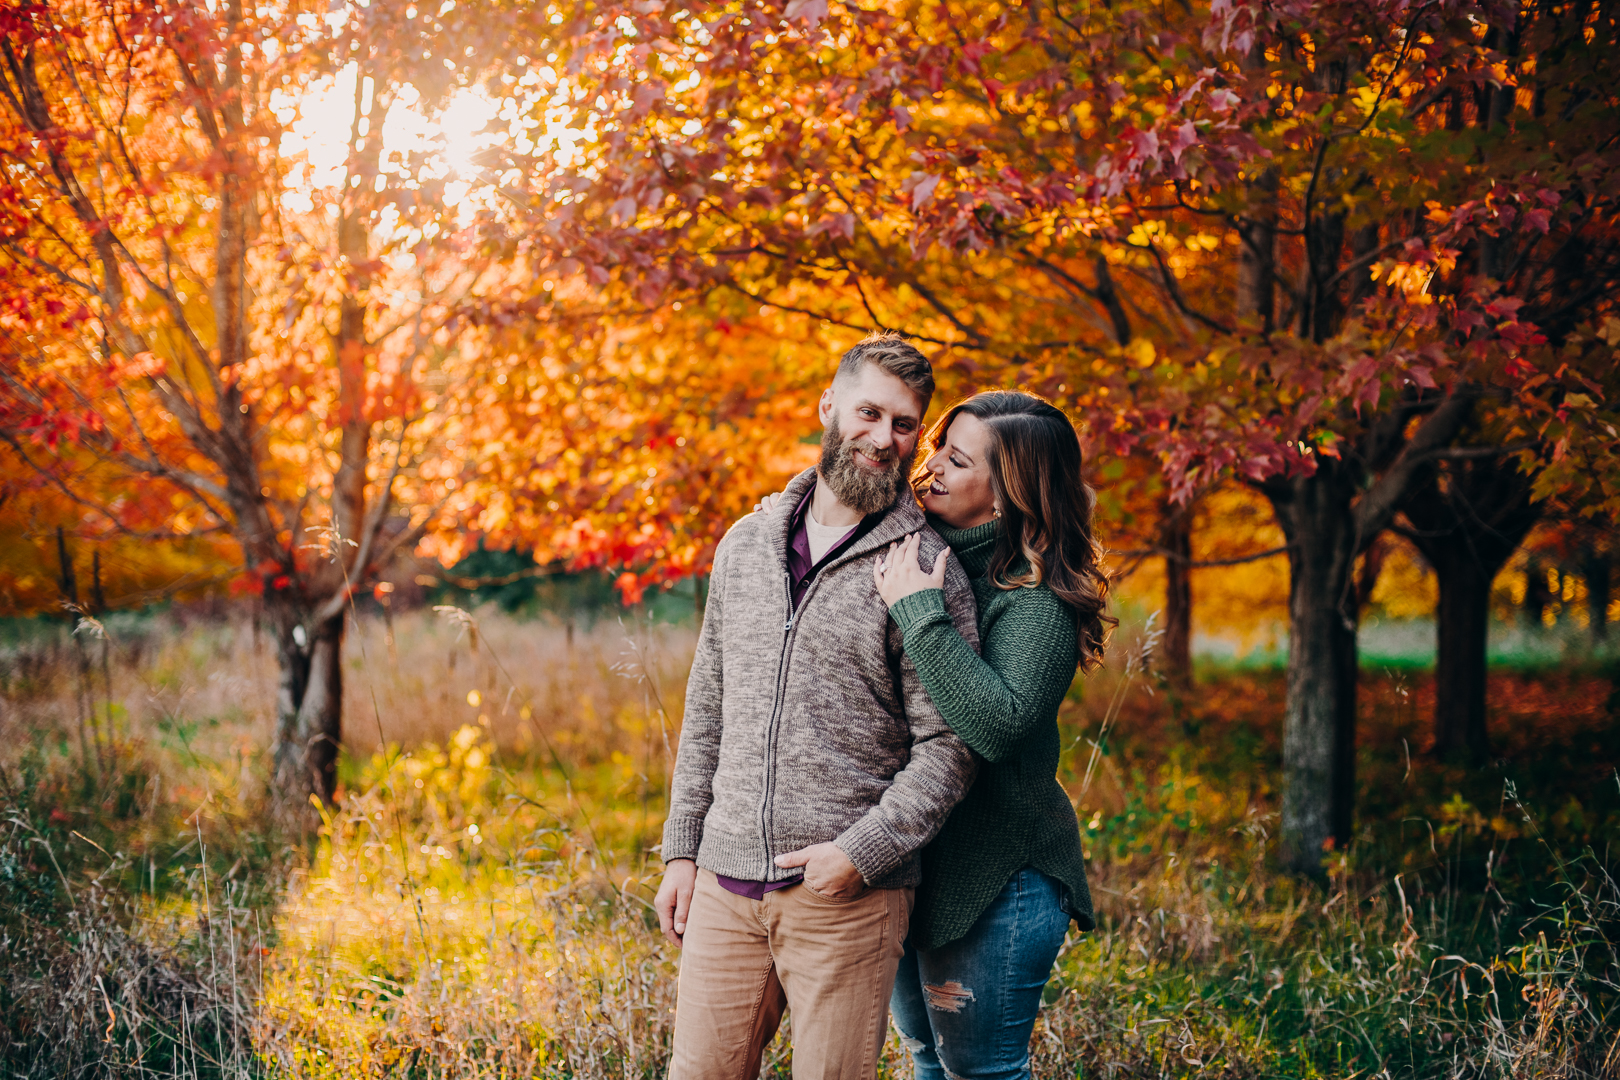 TerraSuraPhotography-Danielle & Ryan Engagemen-Web-7611.jpg